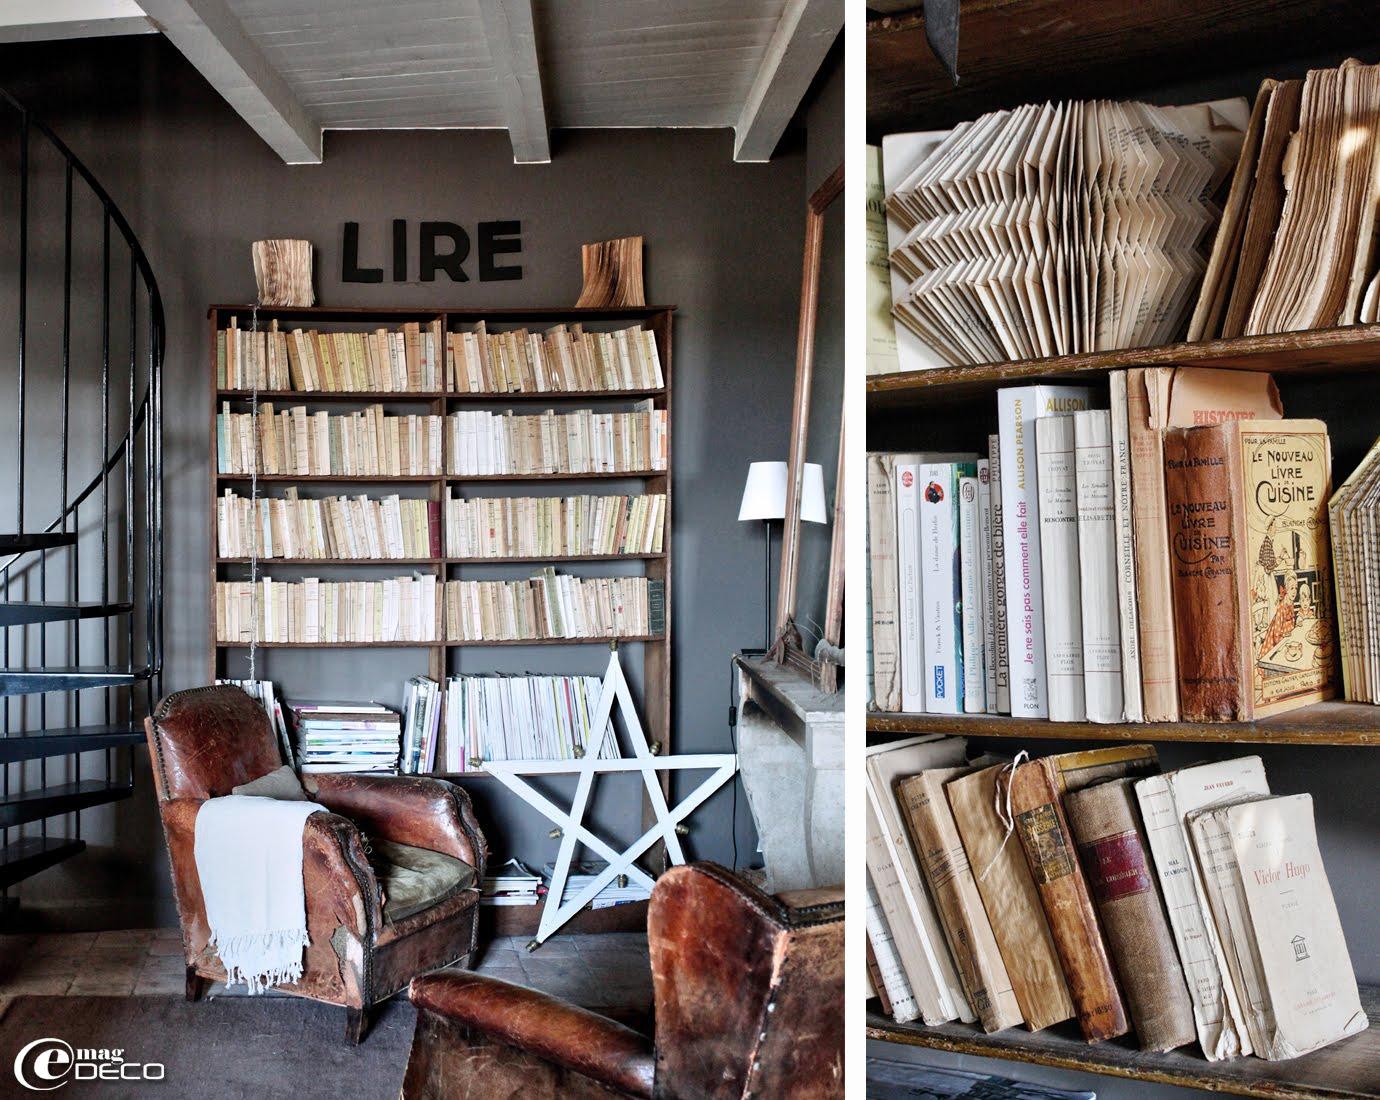 Fauteuil Club anciens, étoile blanche de manège en bois chinée à l'Isle-sur-la-Sorgue, collection de livres de cuisine anciens et des livres pliés